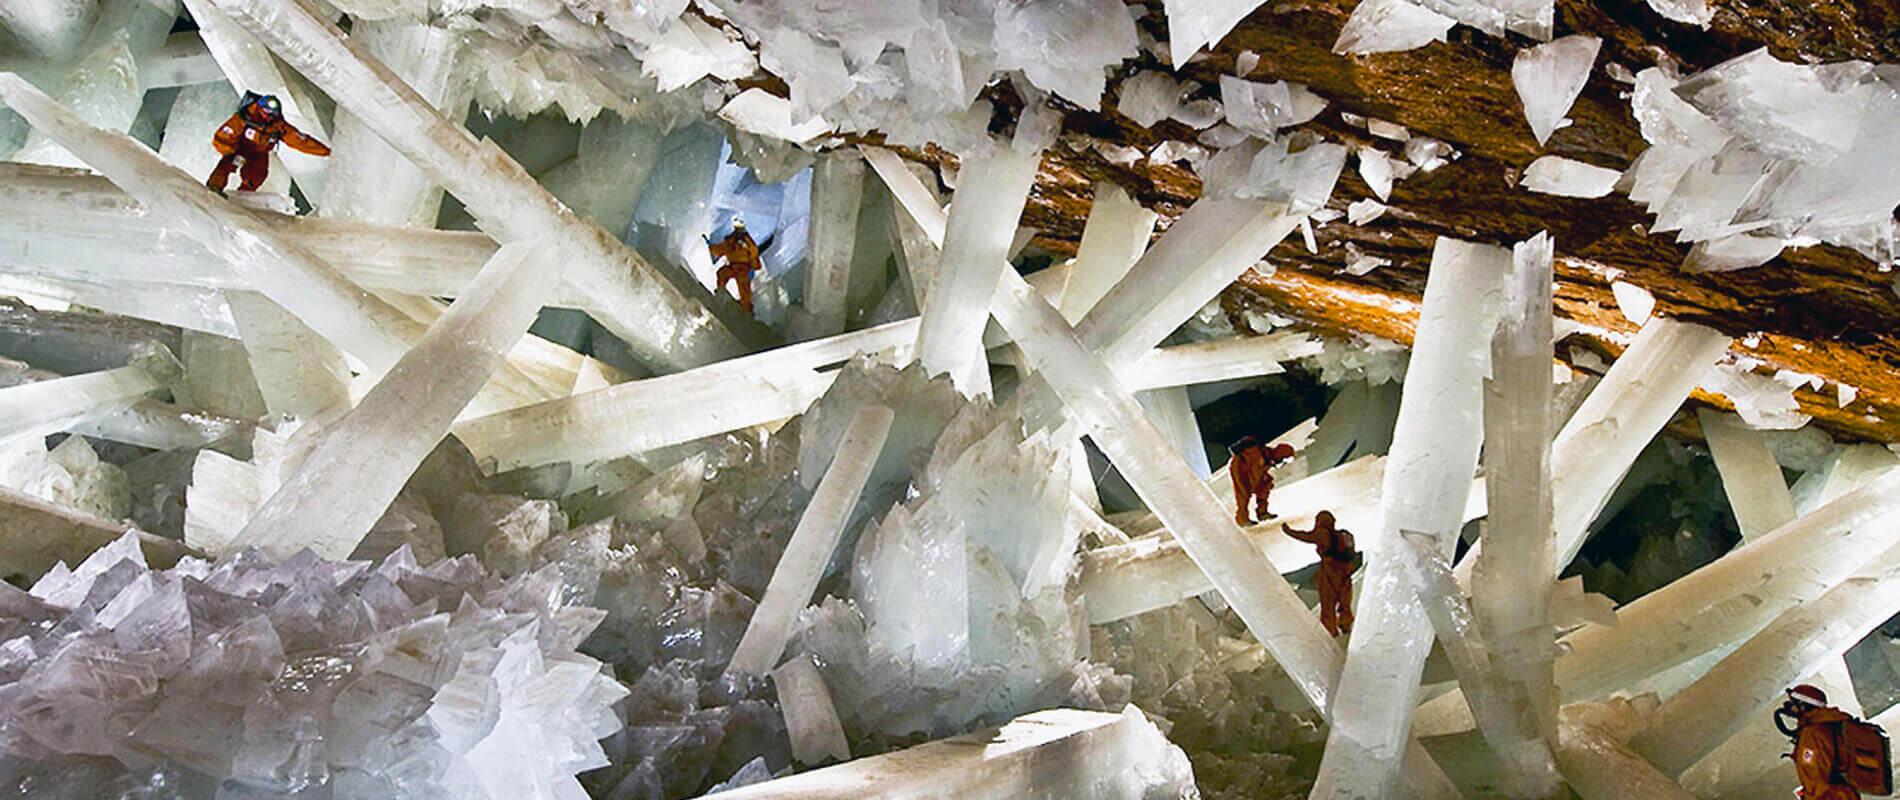 زیباترین غارهای جهان را اینجا ببینید ؛ از غارهای بلورین تا غار کرمهای درخشان /// دپو